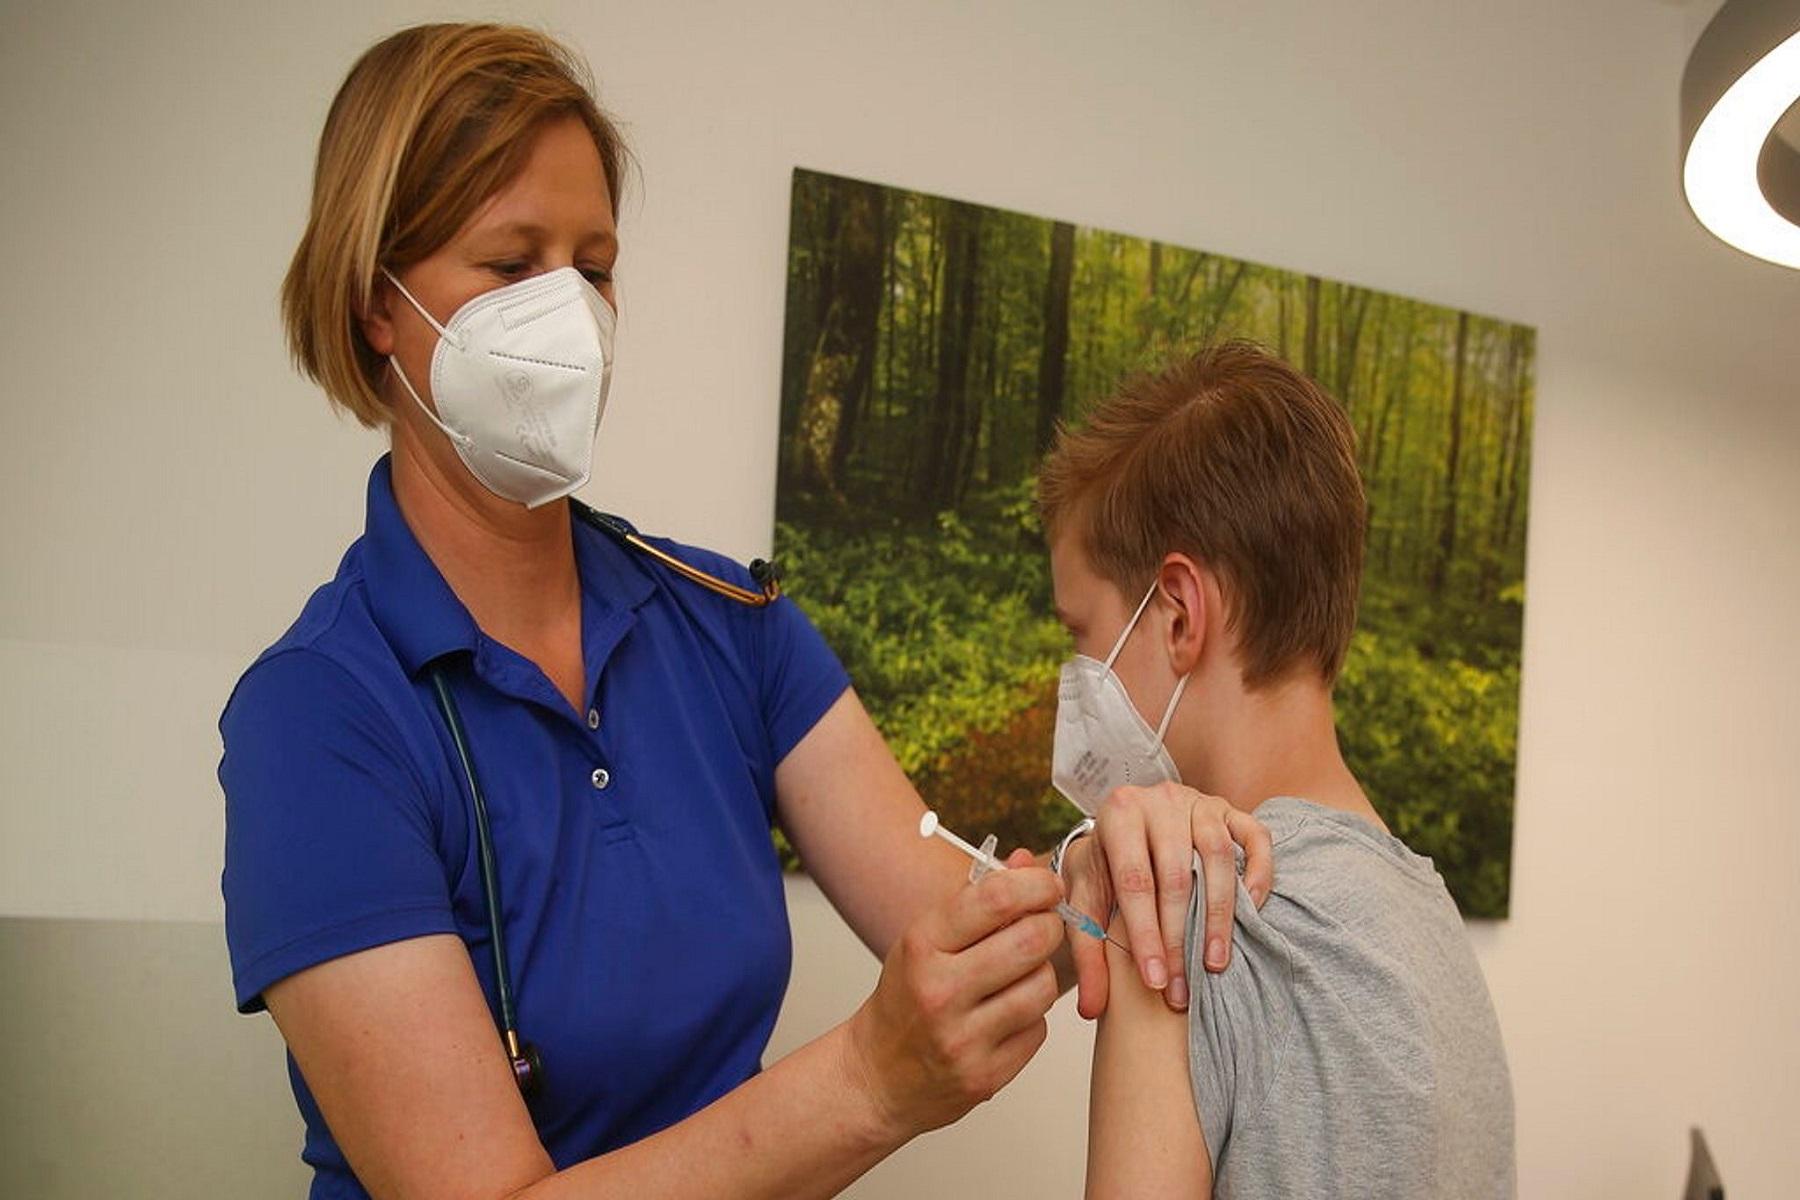 Νόσος COVID-19: Βρετανοί αξιωματούχοι υγείας αρνούνται να εγκρίνουν εμβόλια για υγιή παιδιά ηλικίας 12-15 ετών